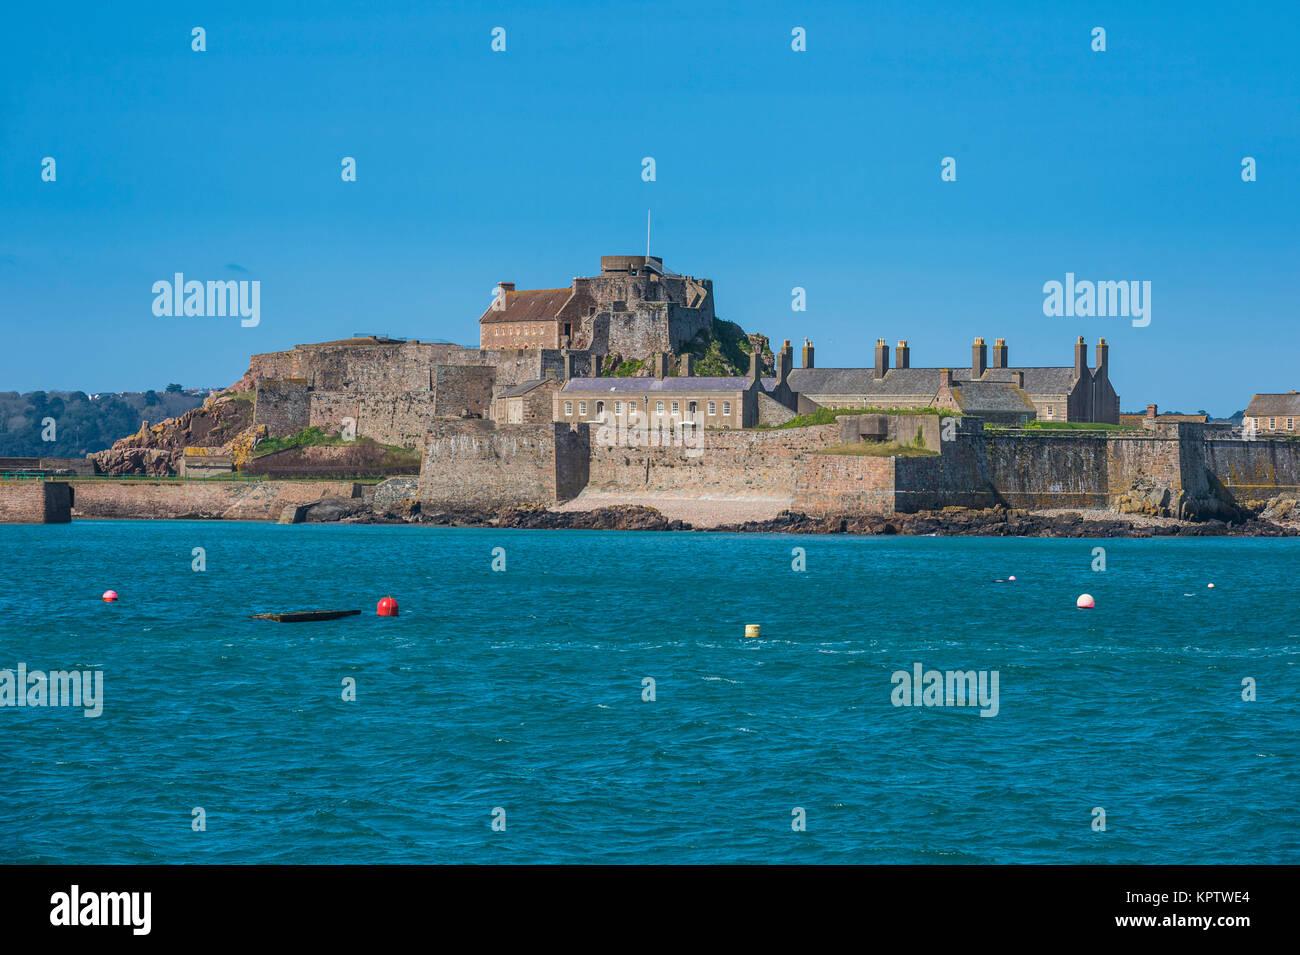 Elizabeth castle, St. Helier, Jersey, Channel Islands, United Kingdom - Stock Image